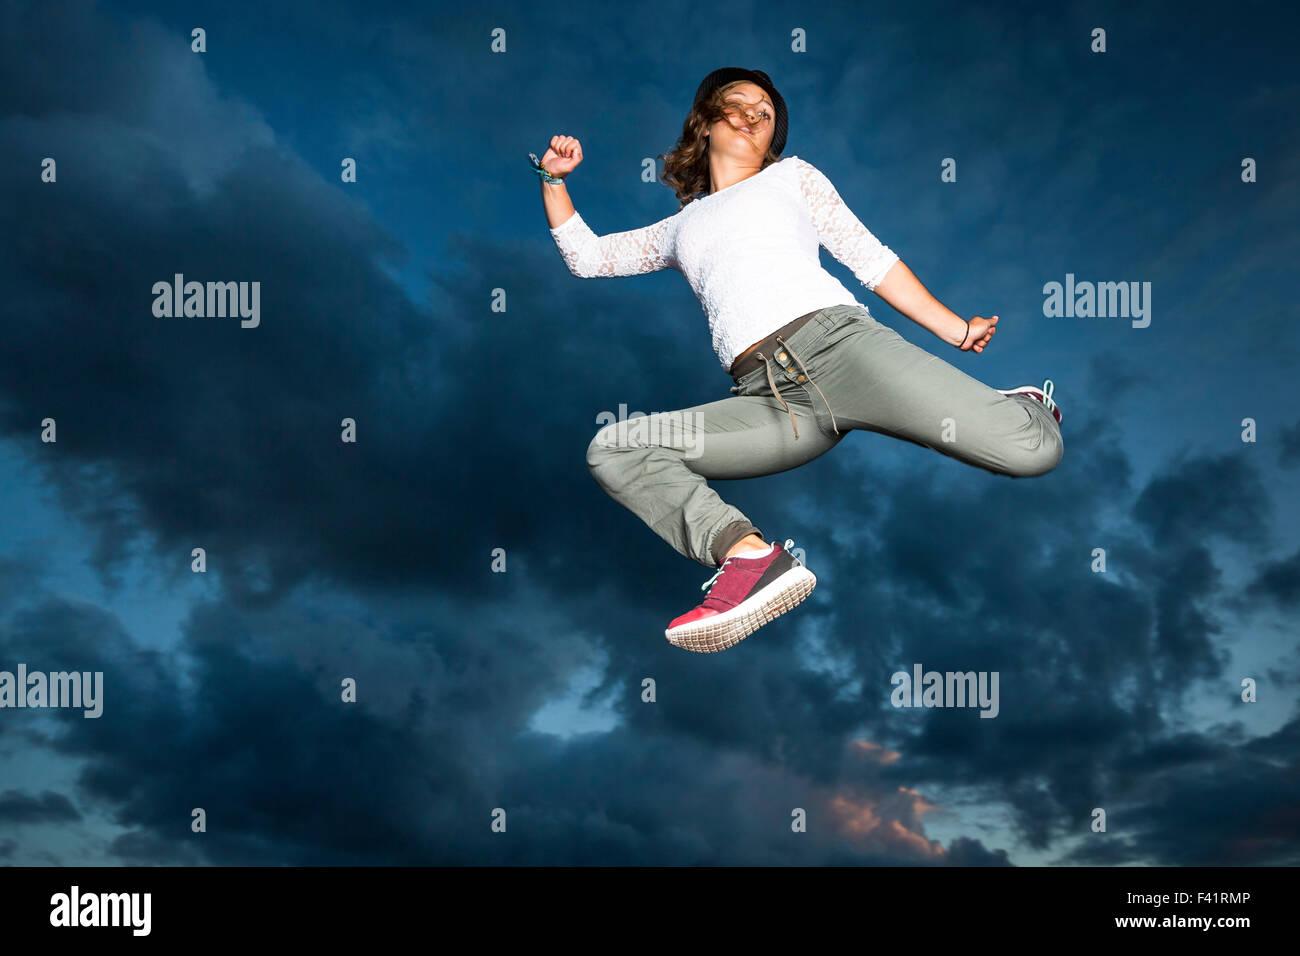 Mujer joven, de 19 años, saltar en el aire, contra el cielo nocturno Imagen De Stock